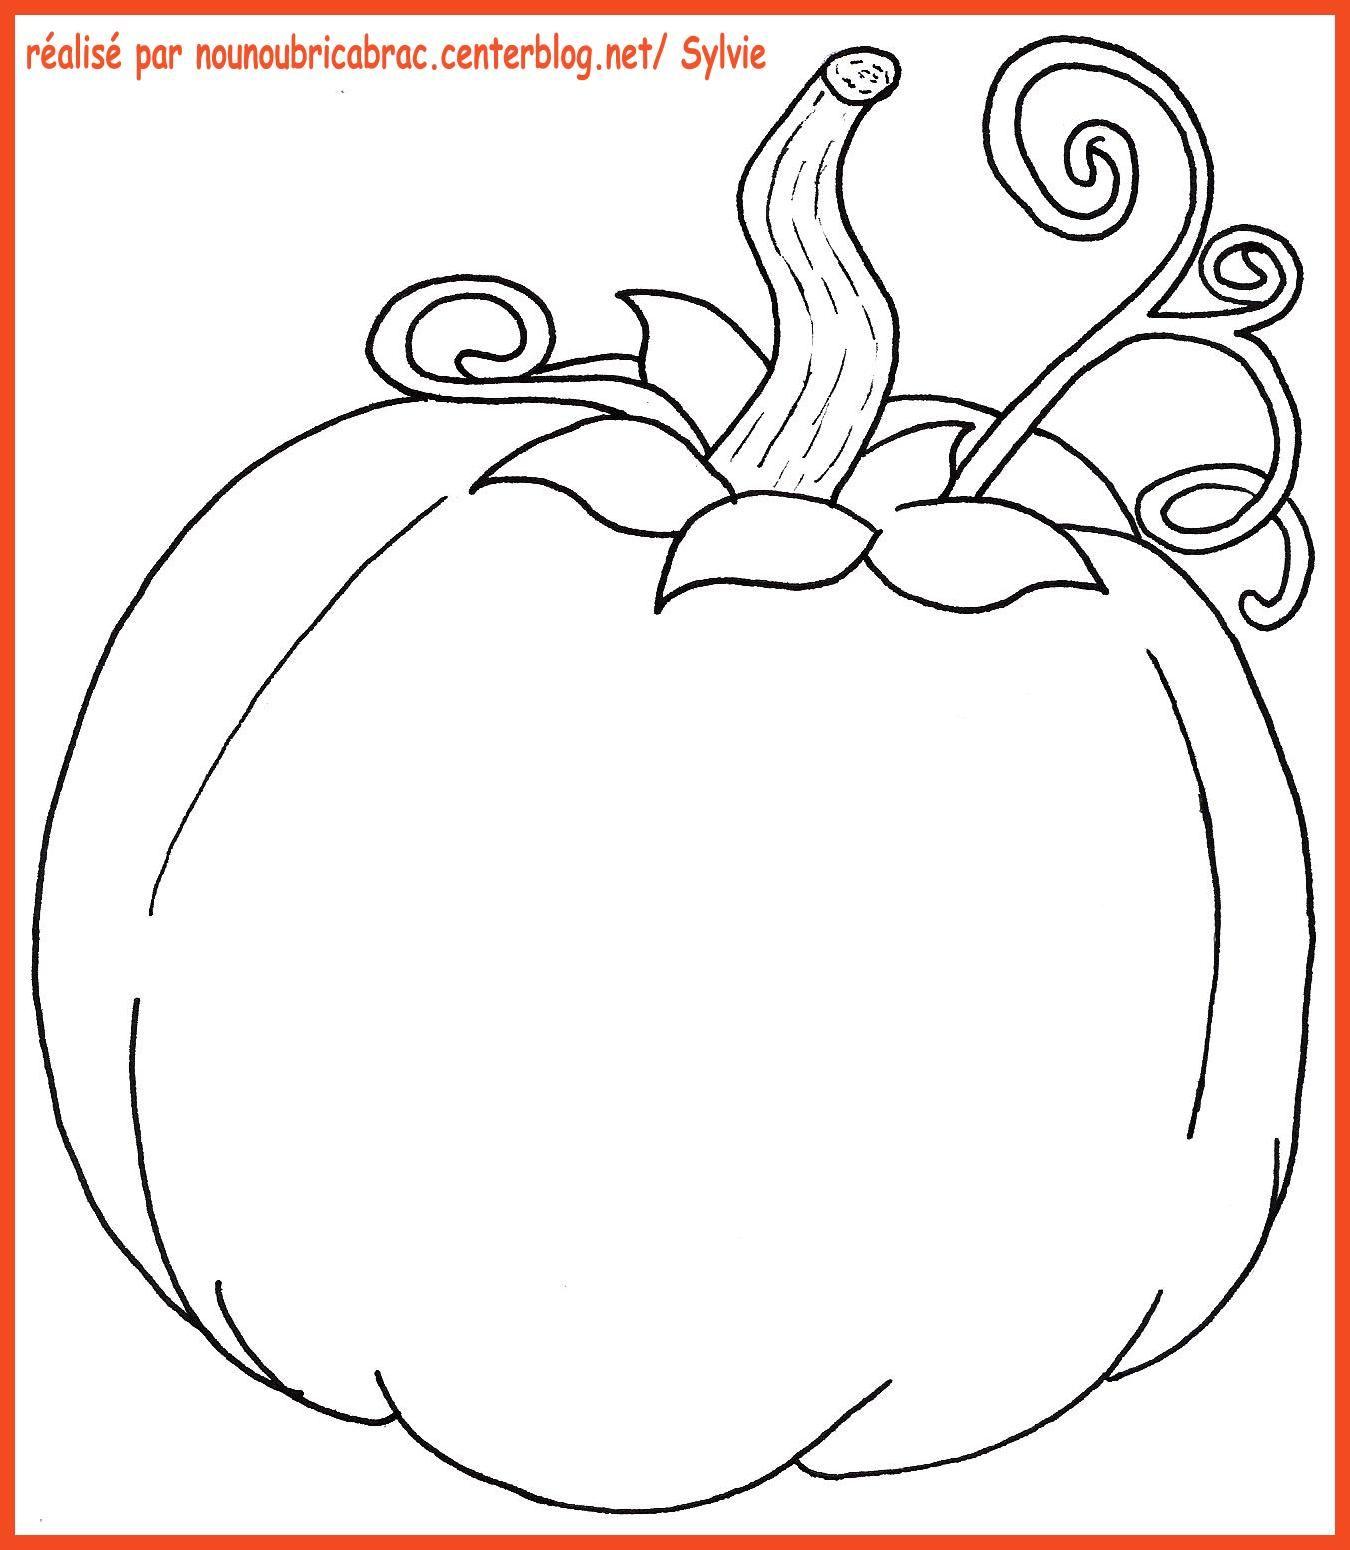 Citrouille colorier ou d corer citrouille coloriage - Citrouille coloriage ...